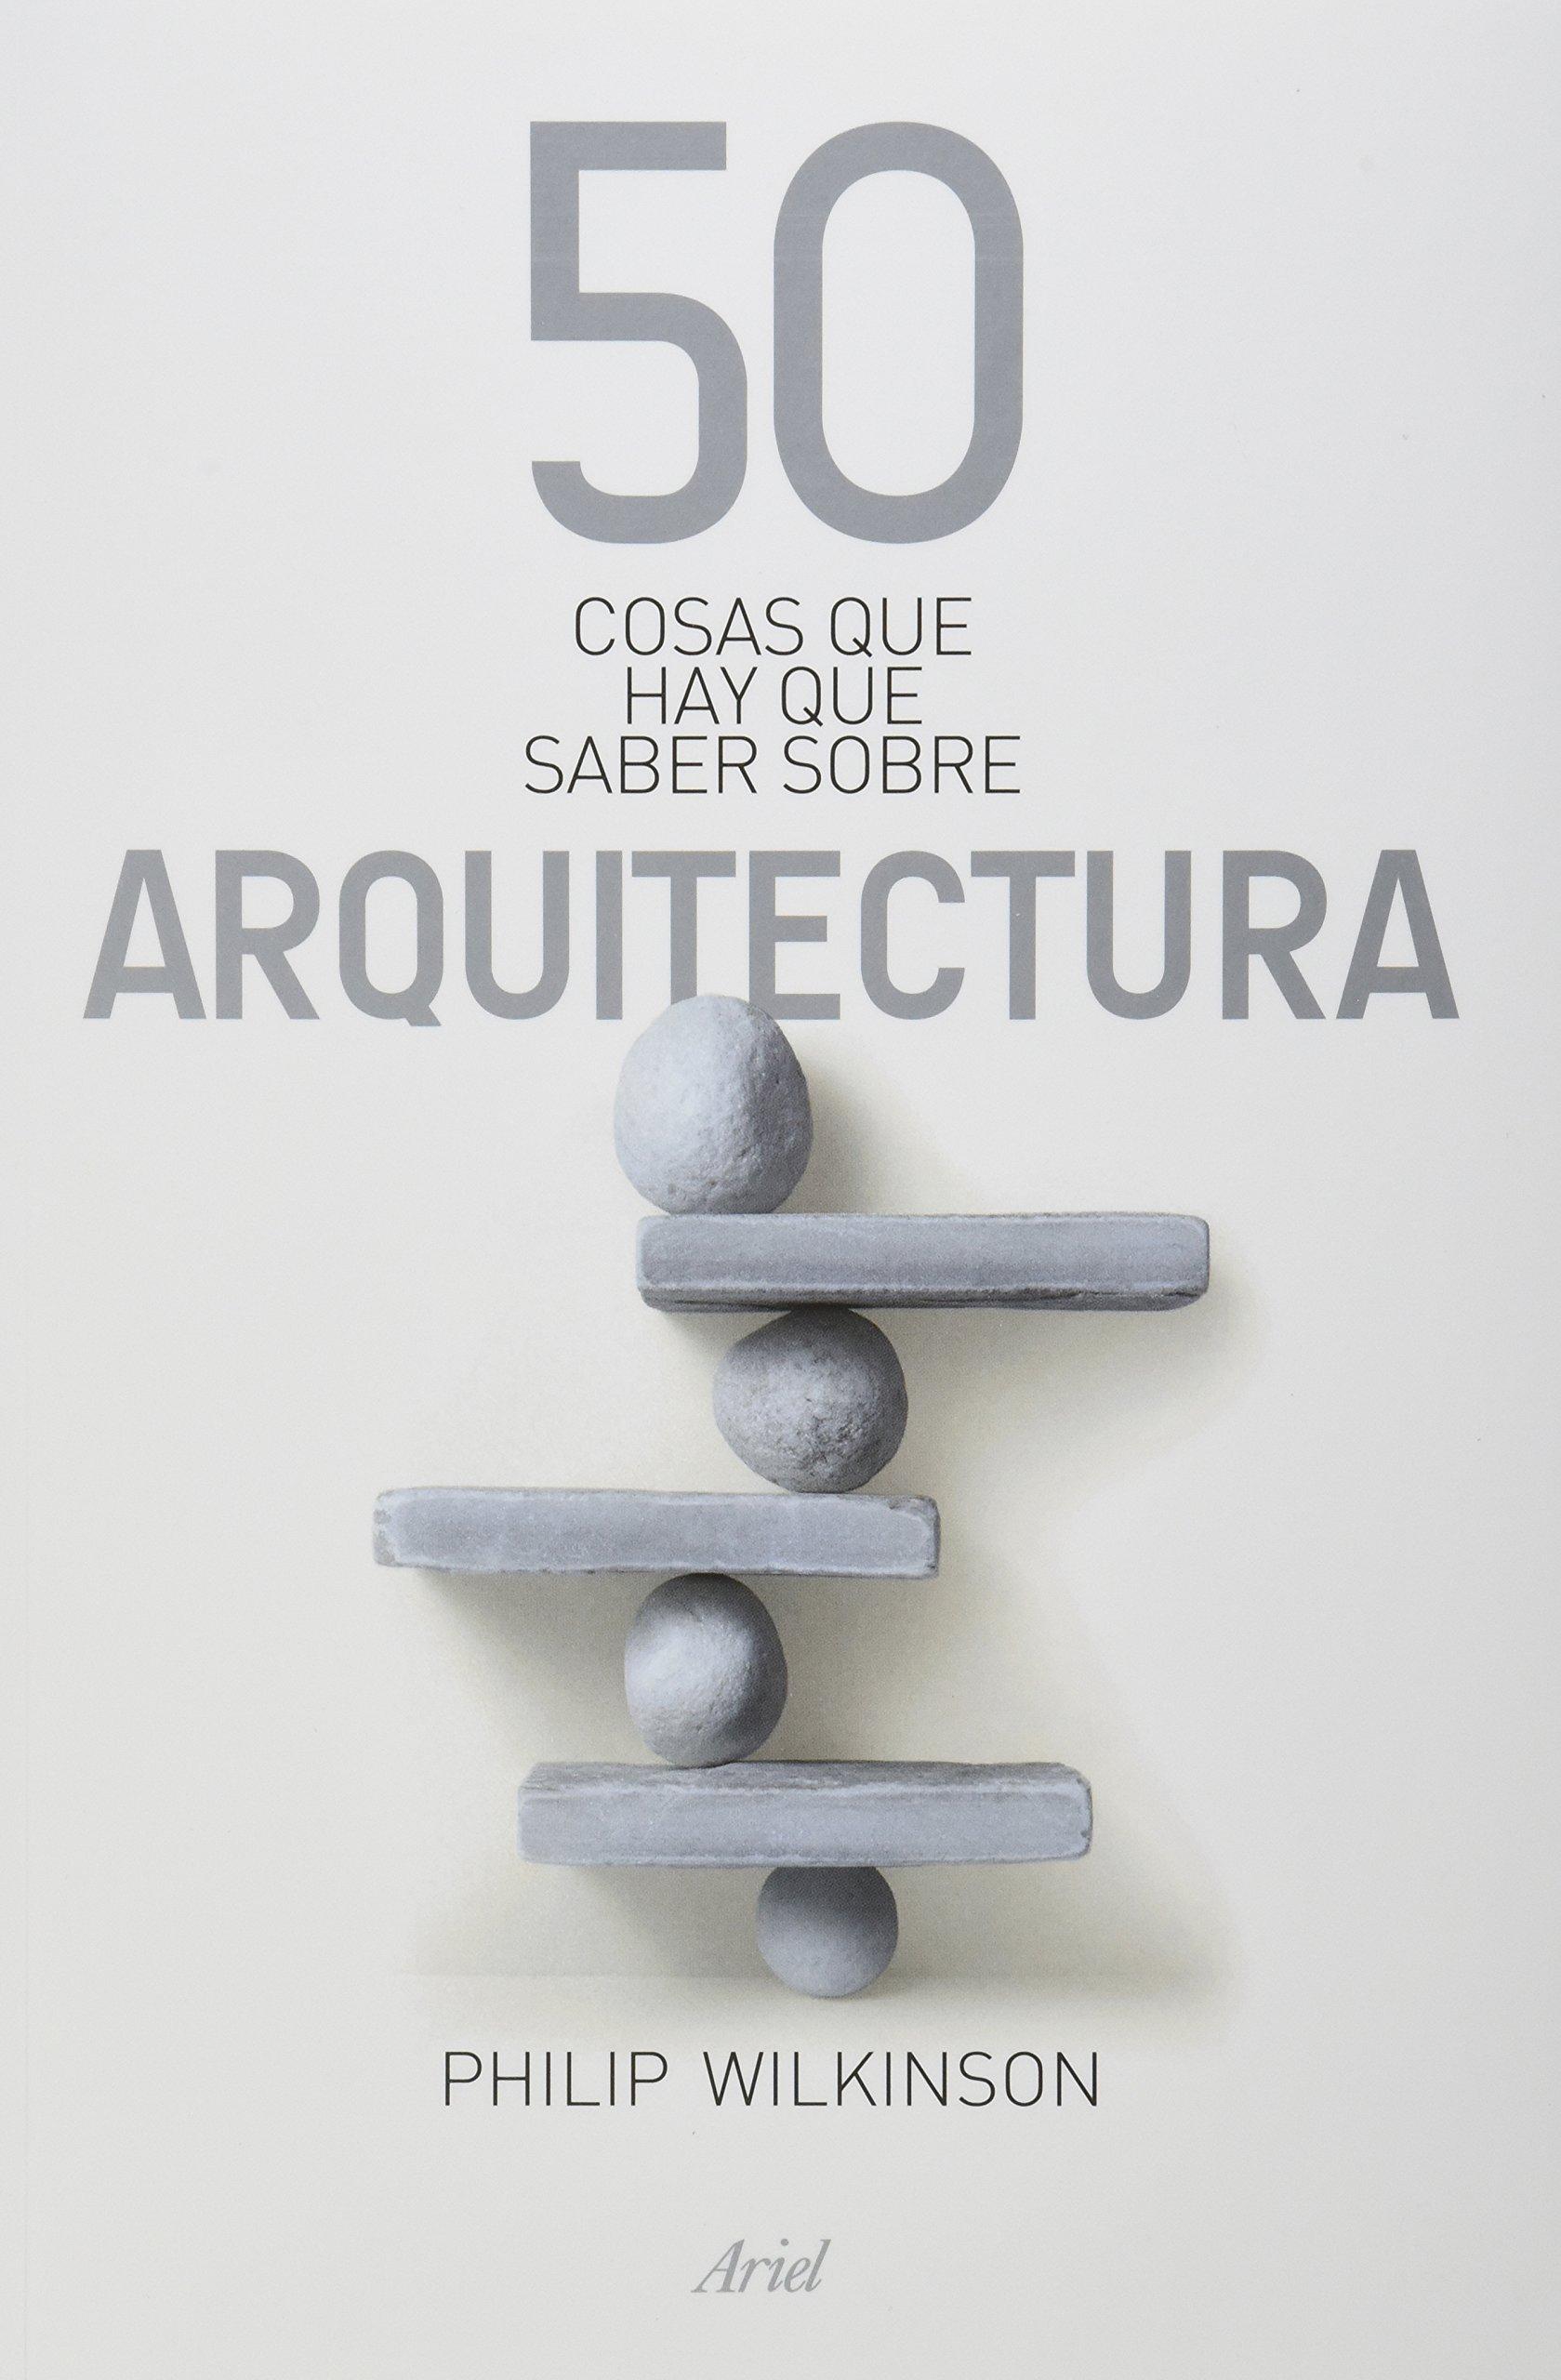 Libro: 50 cosas que hay que saber sobre Arquitectura